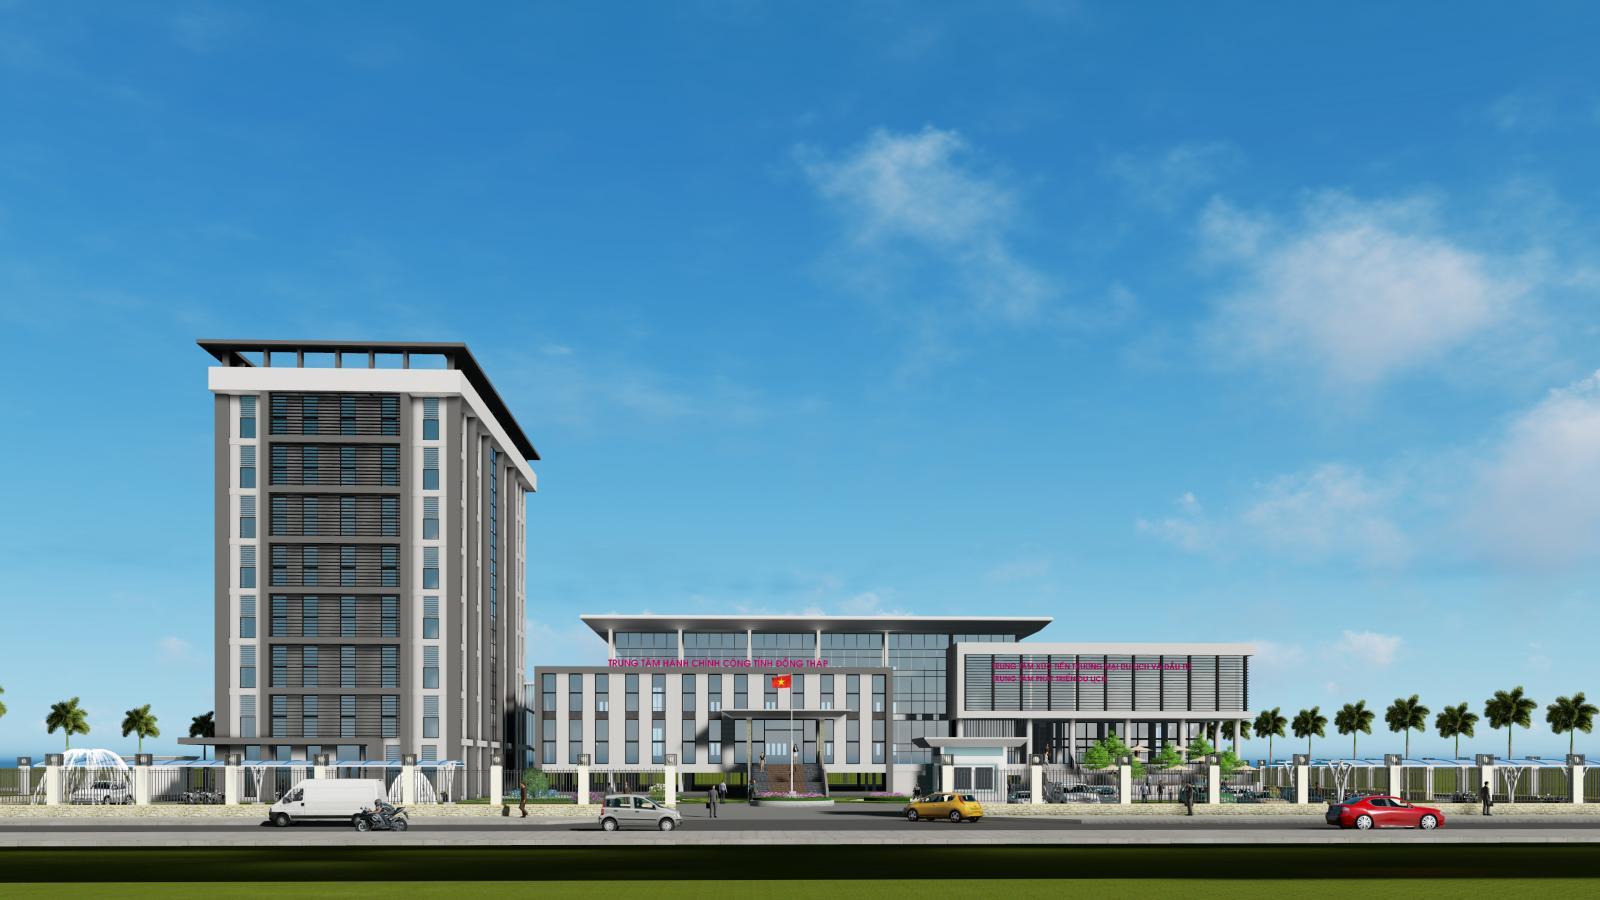 Thông báo kết quả thẩm định dự án đầu tư xây dựng Trung tâm hành chính công và khối trụ sở các đơn vị sự nghiệp tỉnh Đồng Tháp  (số 190/SXD-QLXD ngày 25/10/2018)